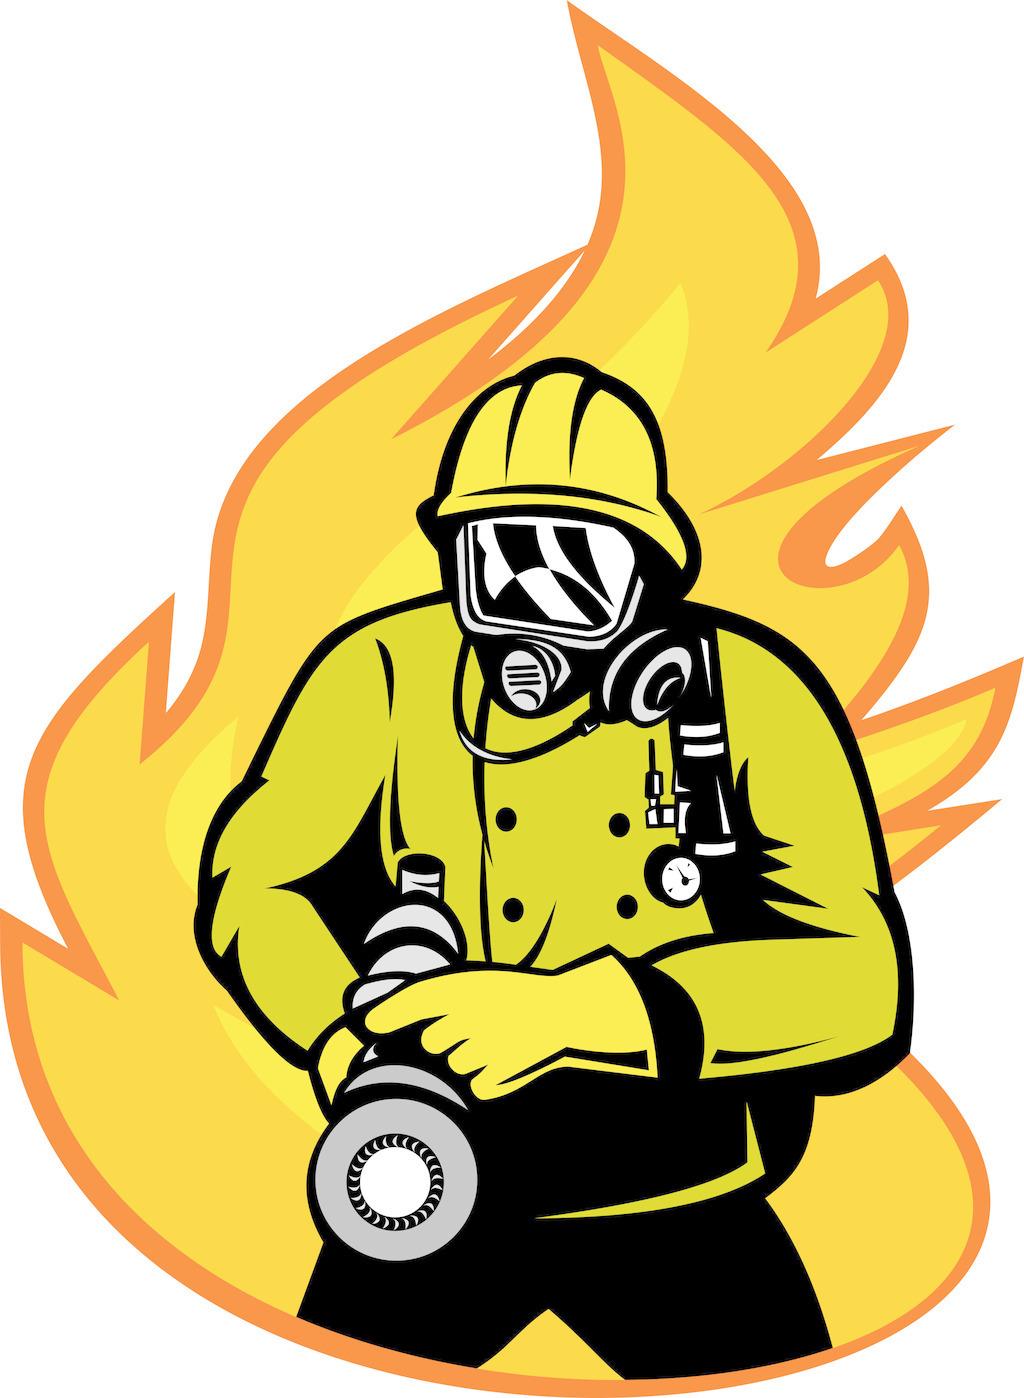 4、消防器材要准备齐全   乐园内所配备的消防器材要准备充足,包括灭火器、火灾